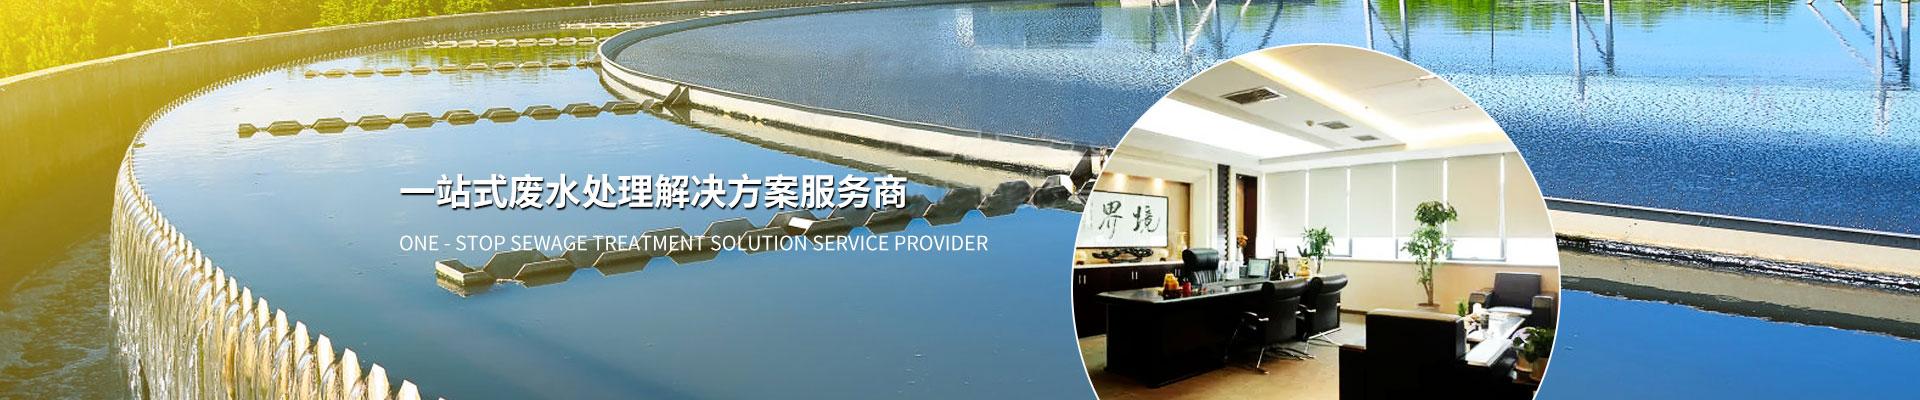 慧星化工-一站式废水处理解决方案服务商